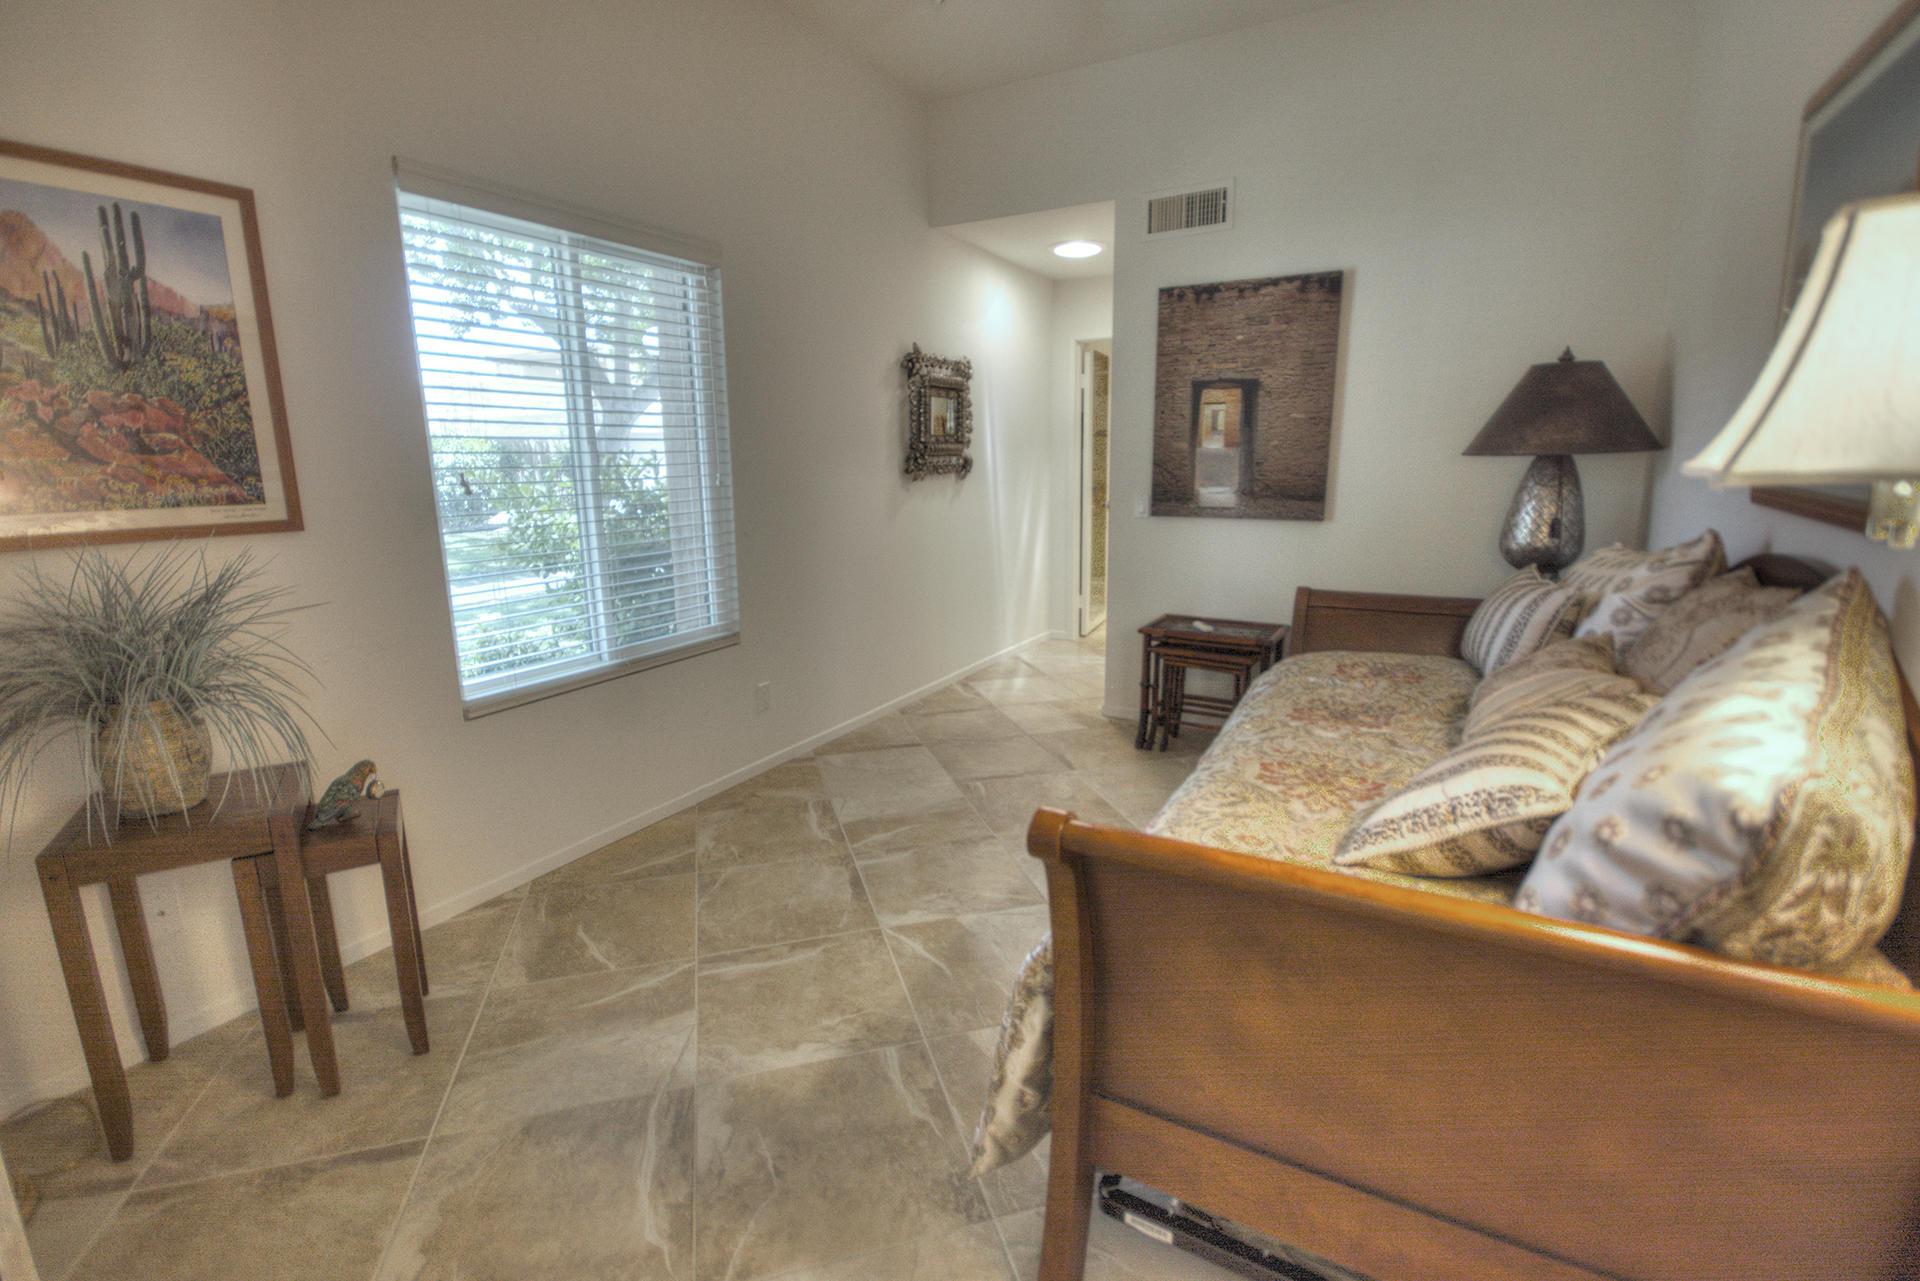 2451 S Birdie Way, Palm Springs, California 92264, 2 Bedrooms Bedrooms, ,2 BathroomsBathrooms,Residential,For Sale,2451 S Birdie Way,219045503